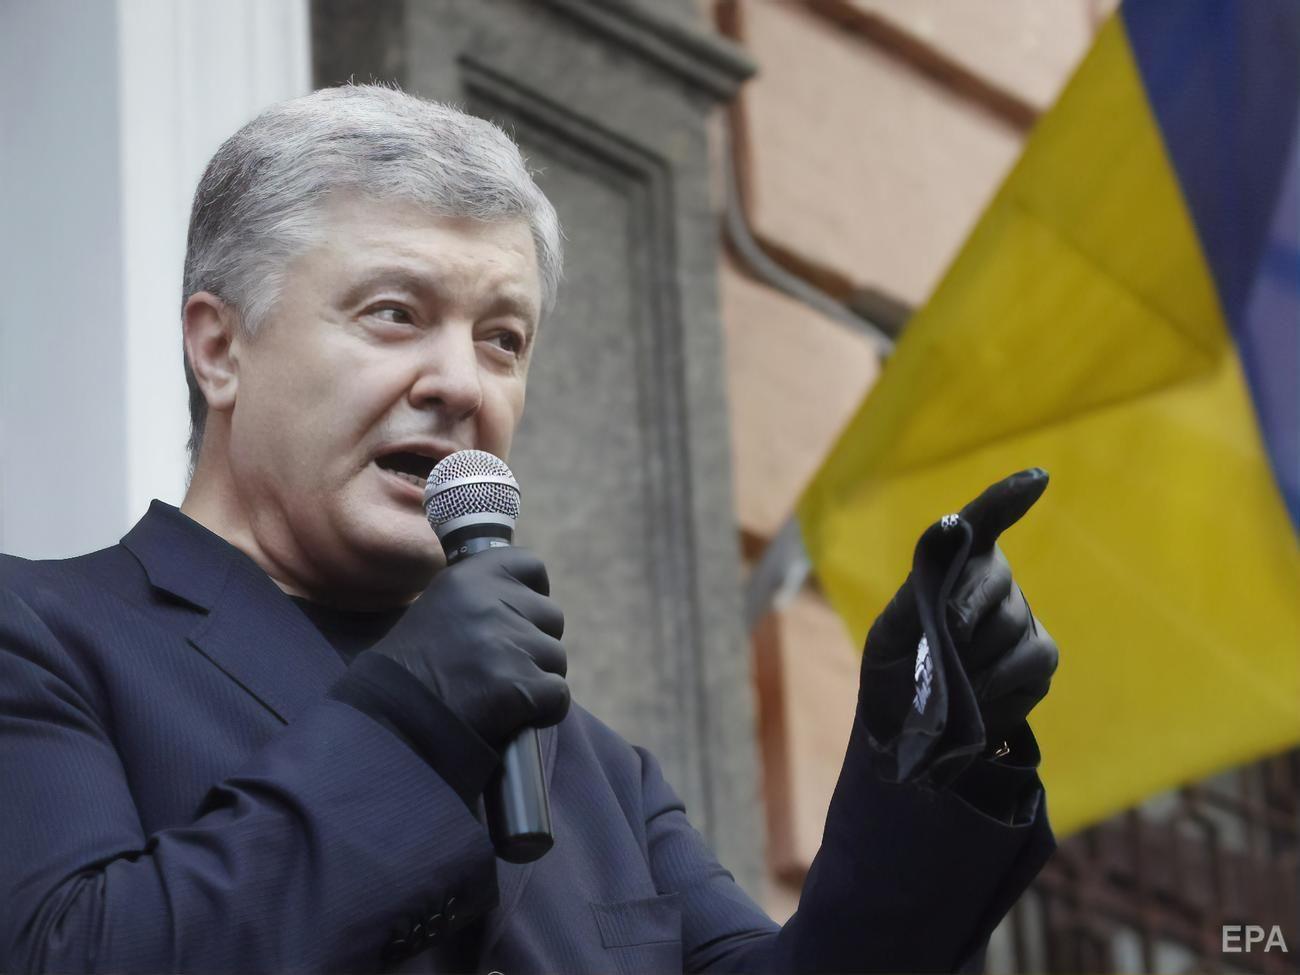 Порошенко подает в суд на Гордона: после эфира у Шустера адвокат сделал официальное заявление